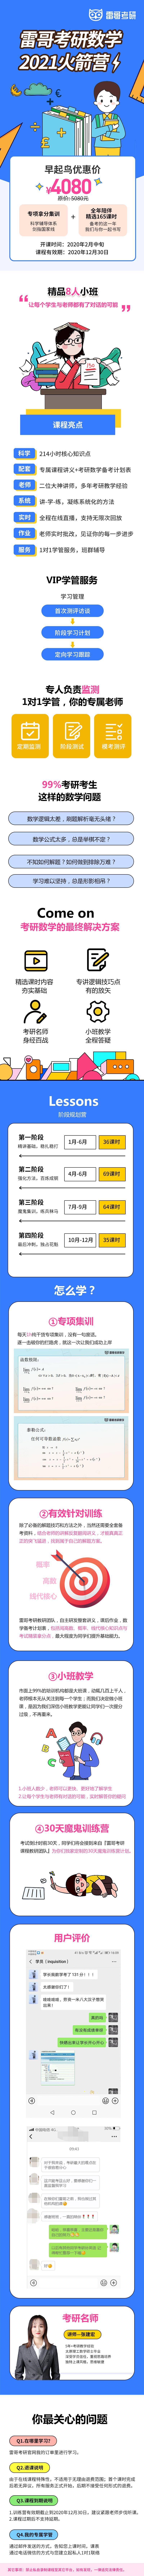 2021考研数学火箭营,详情介绍海报.jpg